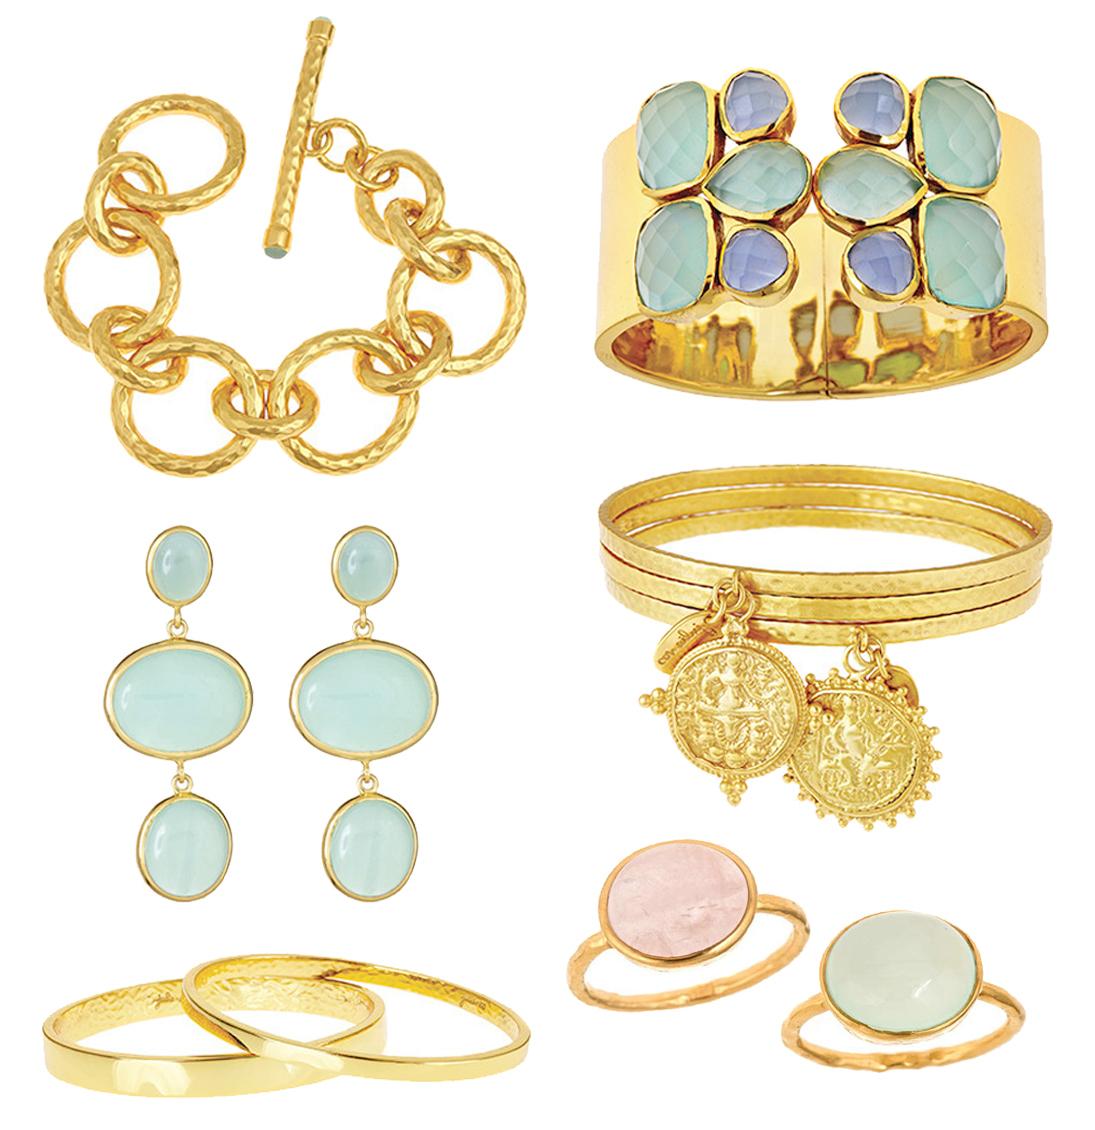 jewelry-vos-jewelry